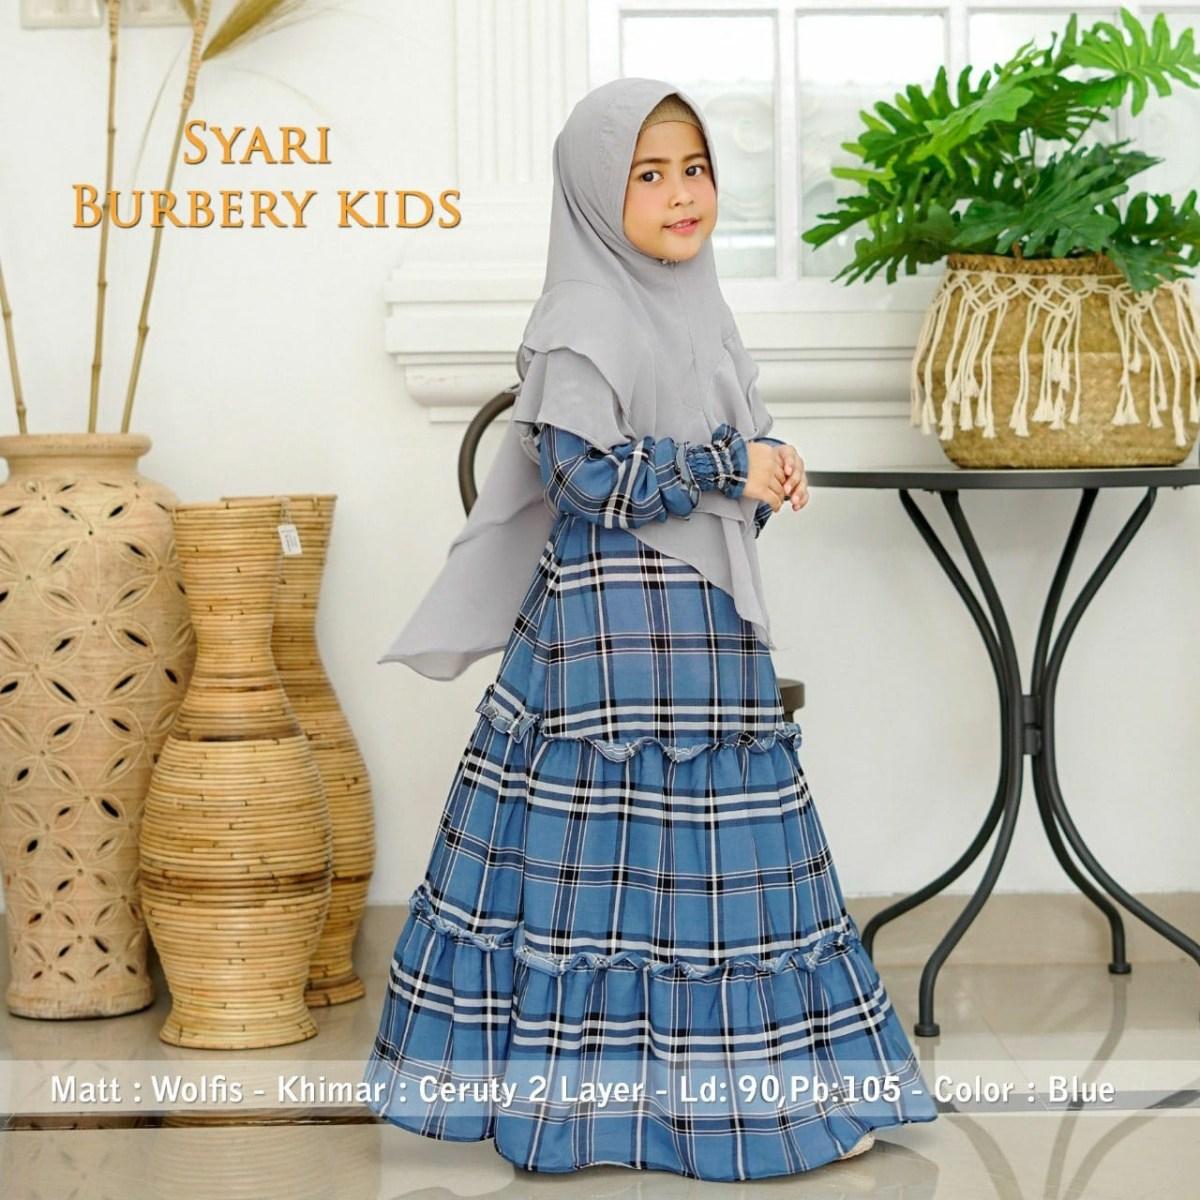 baju gamis syari anak trendy burbery katalog bajugamismu